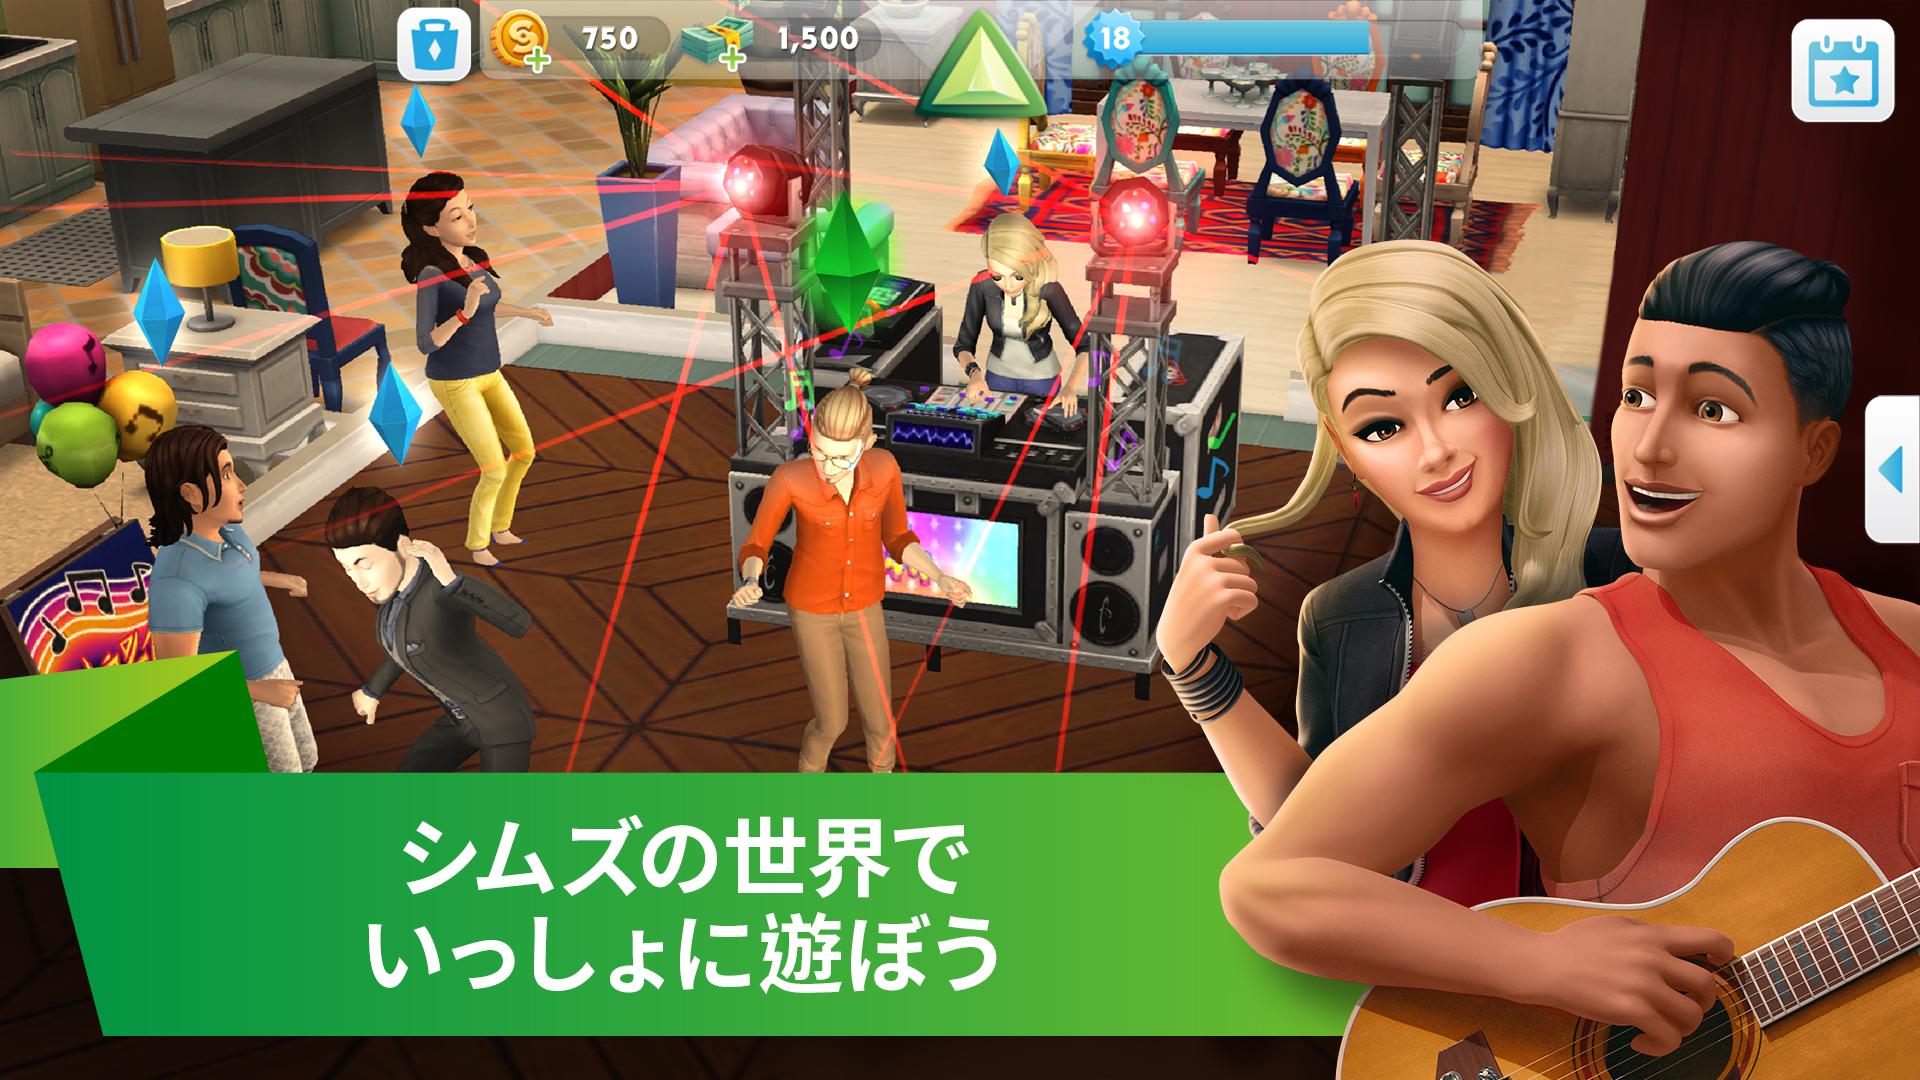 新作SLG『シムズ・ポケット』がGoogle Playで事前登録スタート!